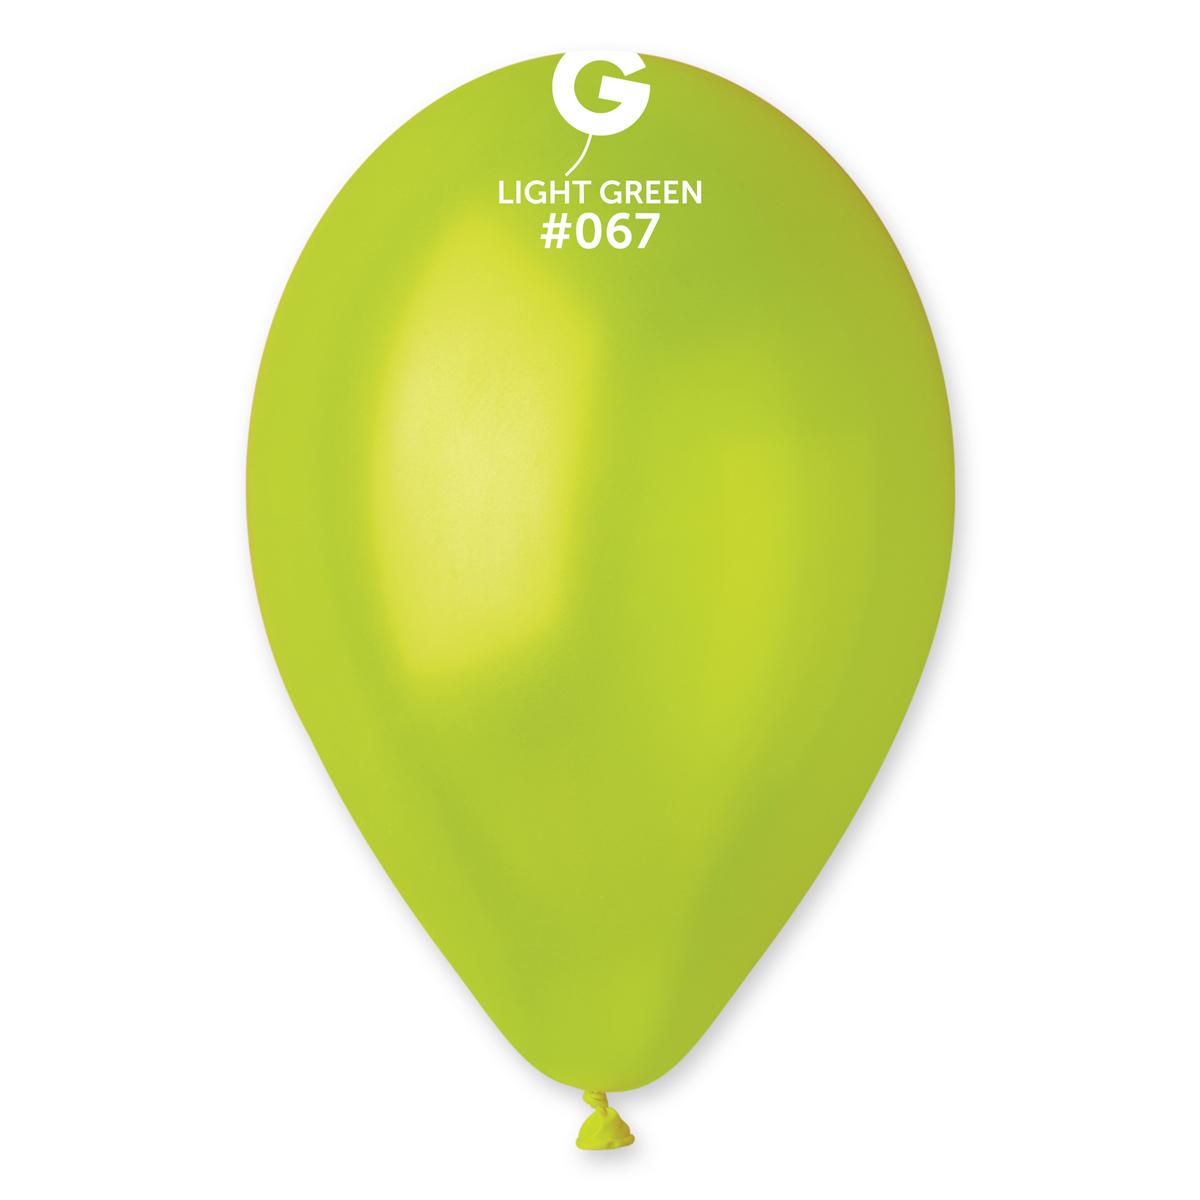 #067 Light Green